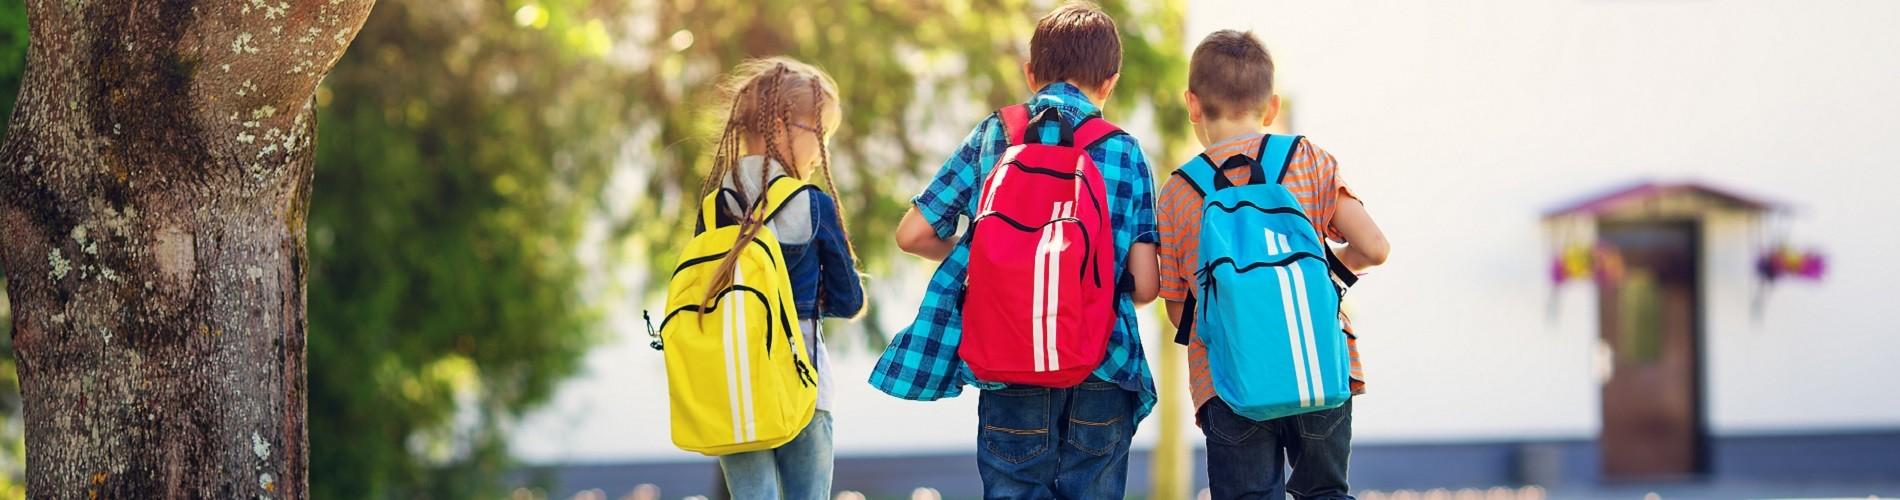 Kinder mit Rucksäcken